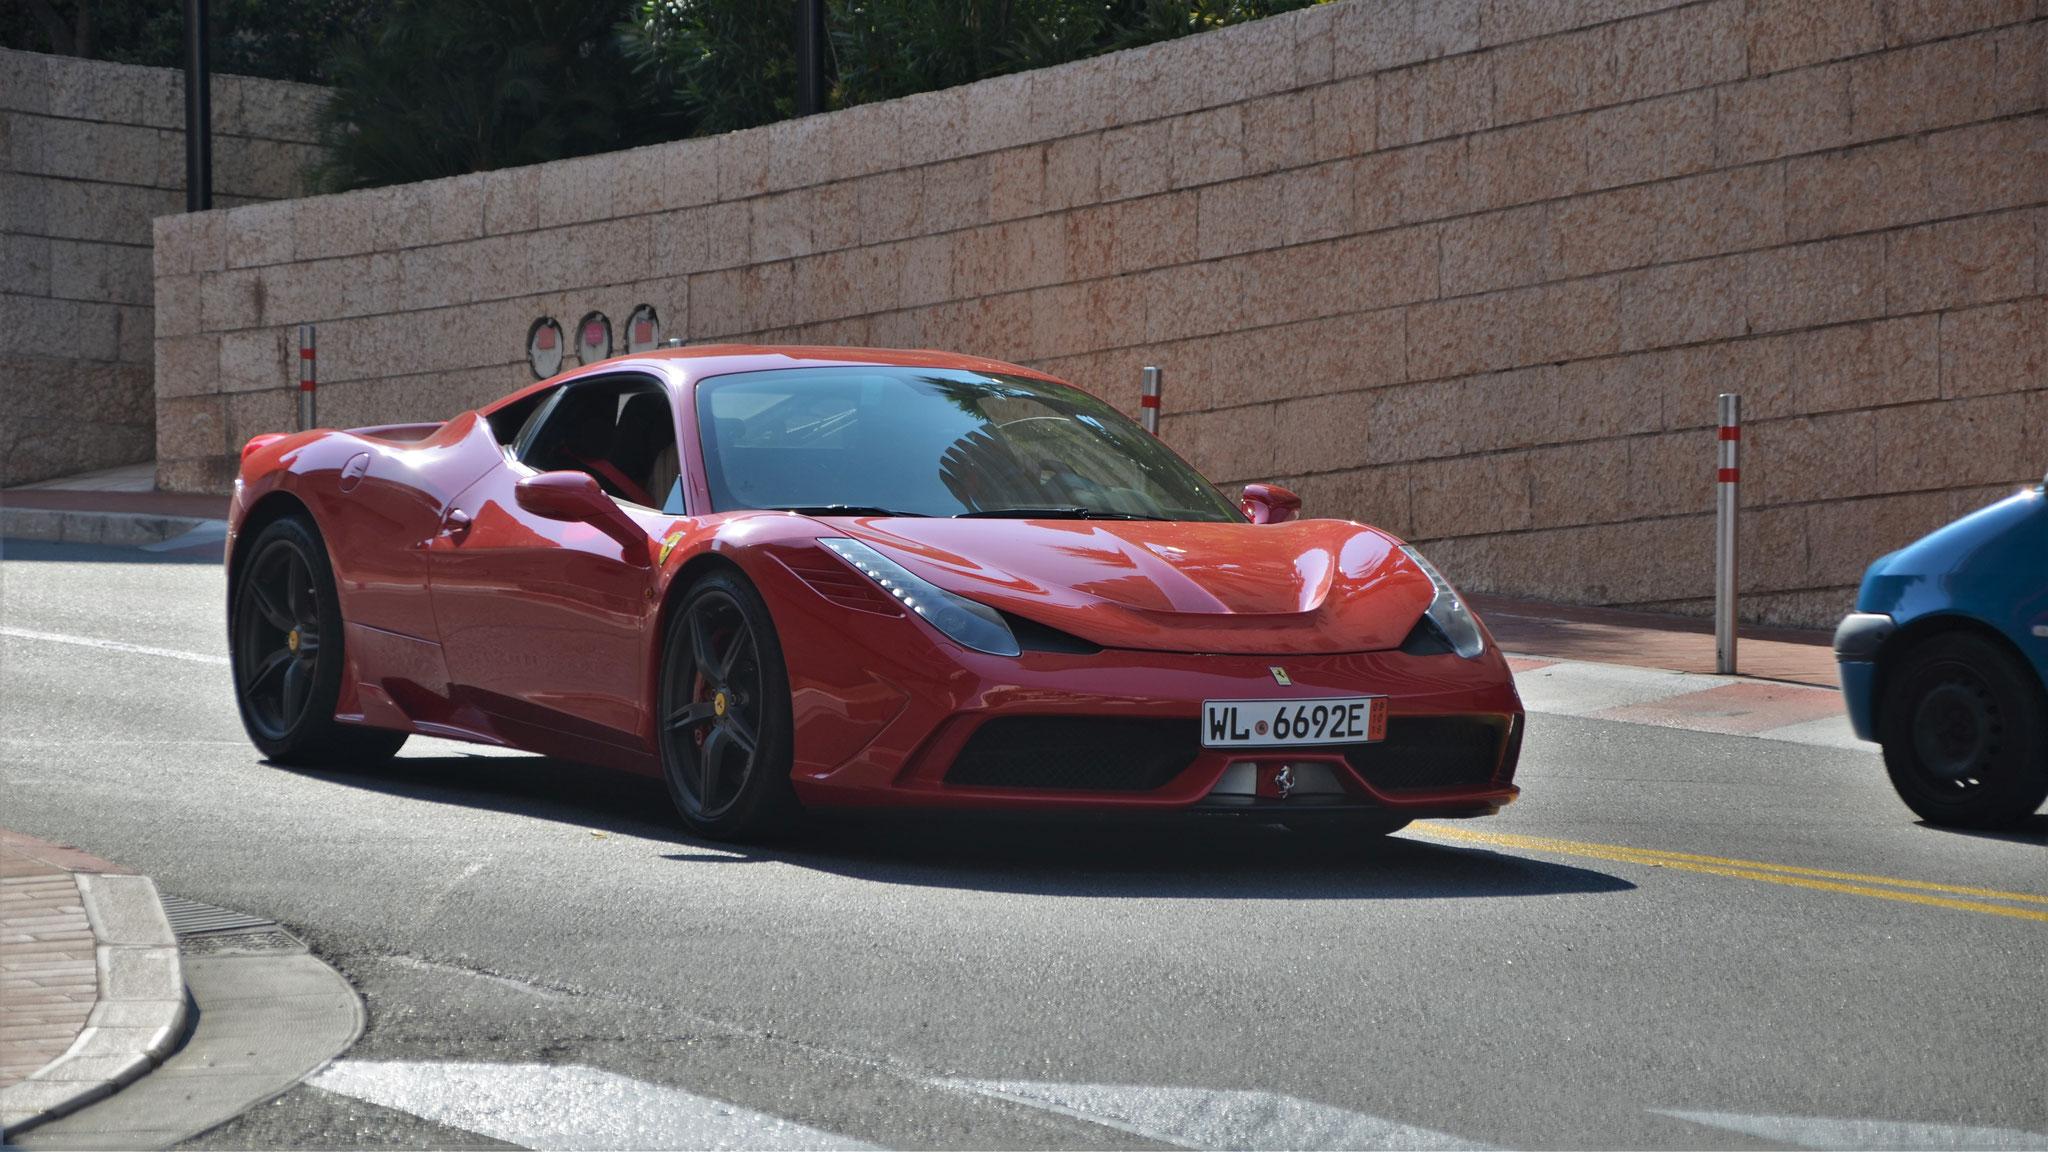 Ferrari 458 Speciale - WL-6692E